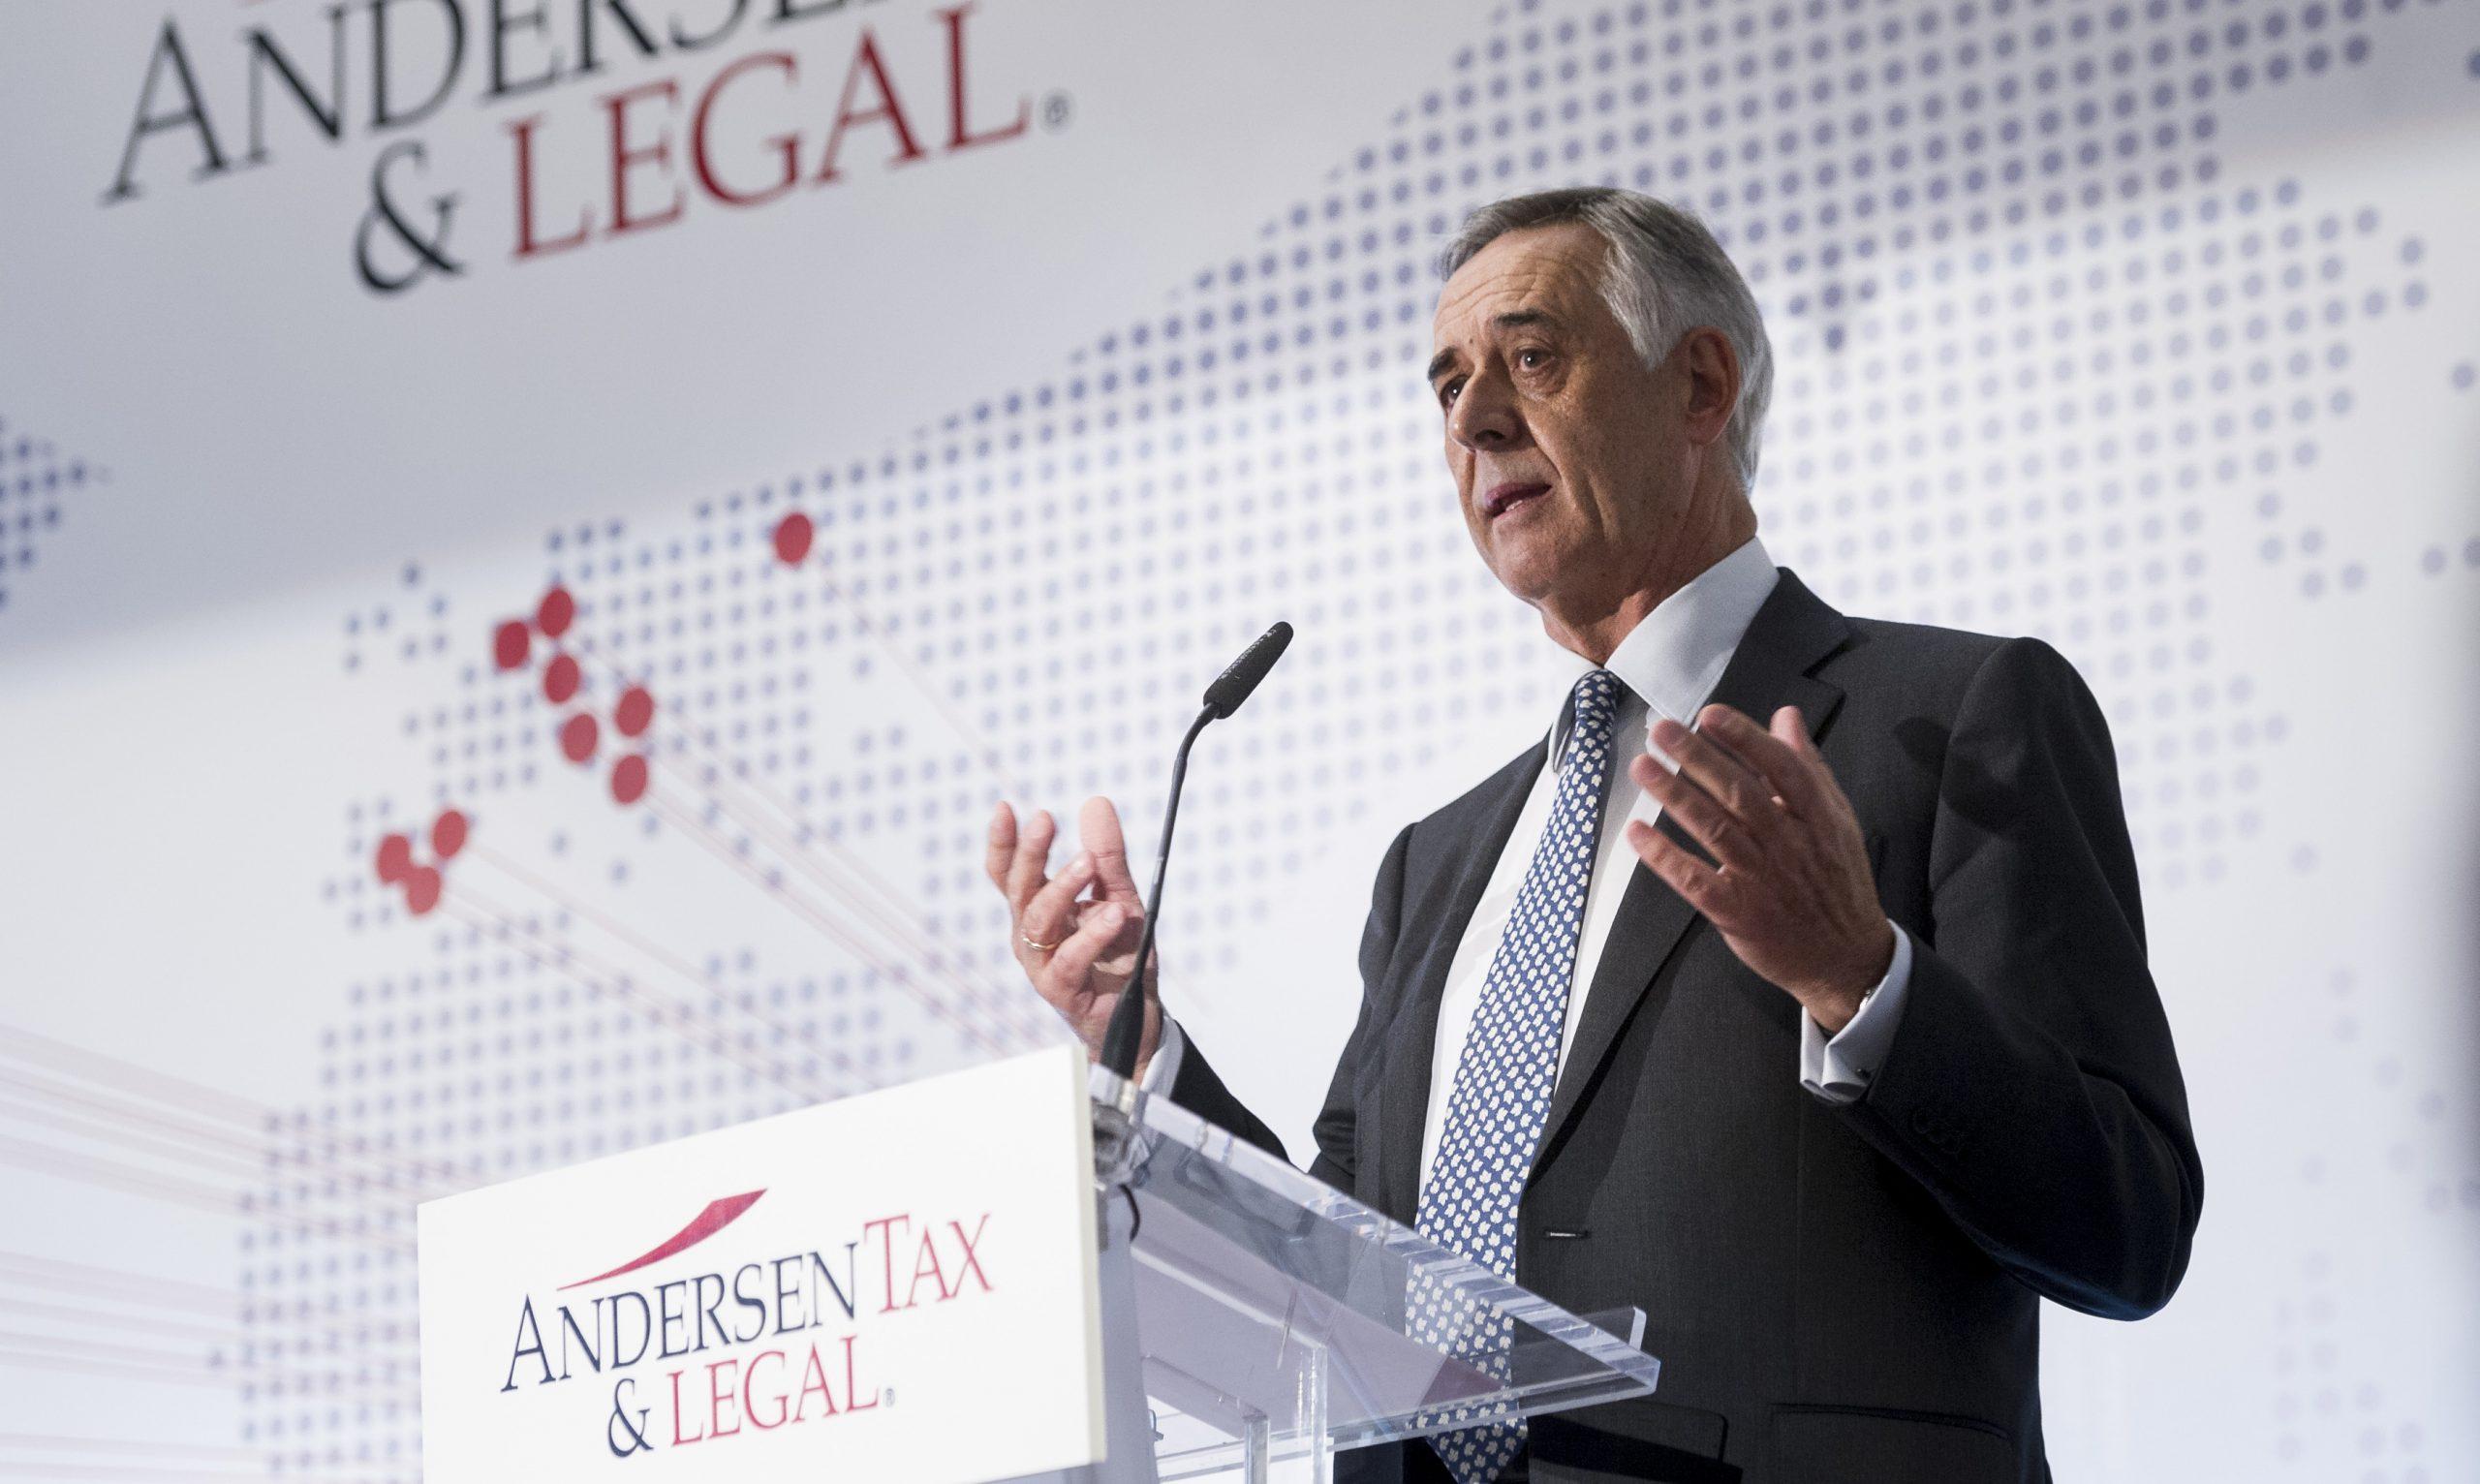 Andersen Tax & Legal consolida su estrategia europea bajo el nombre de Andersen